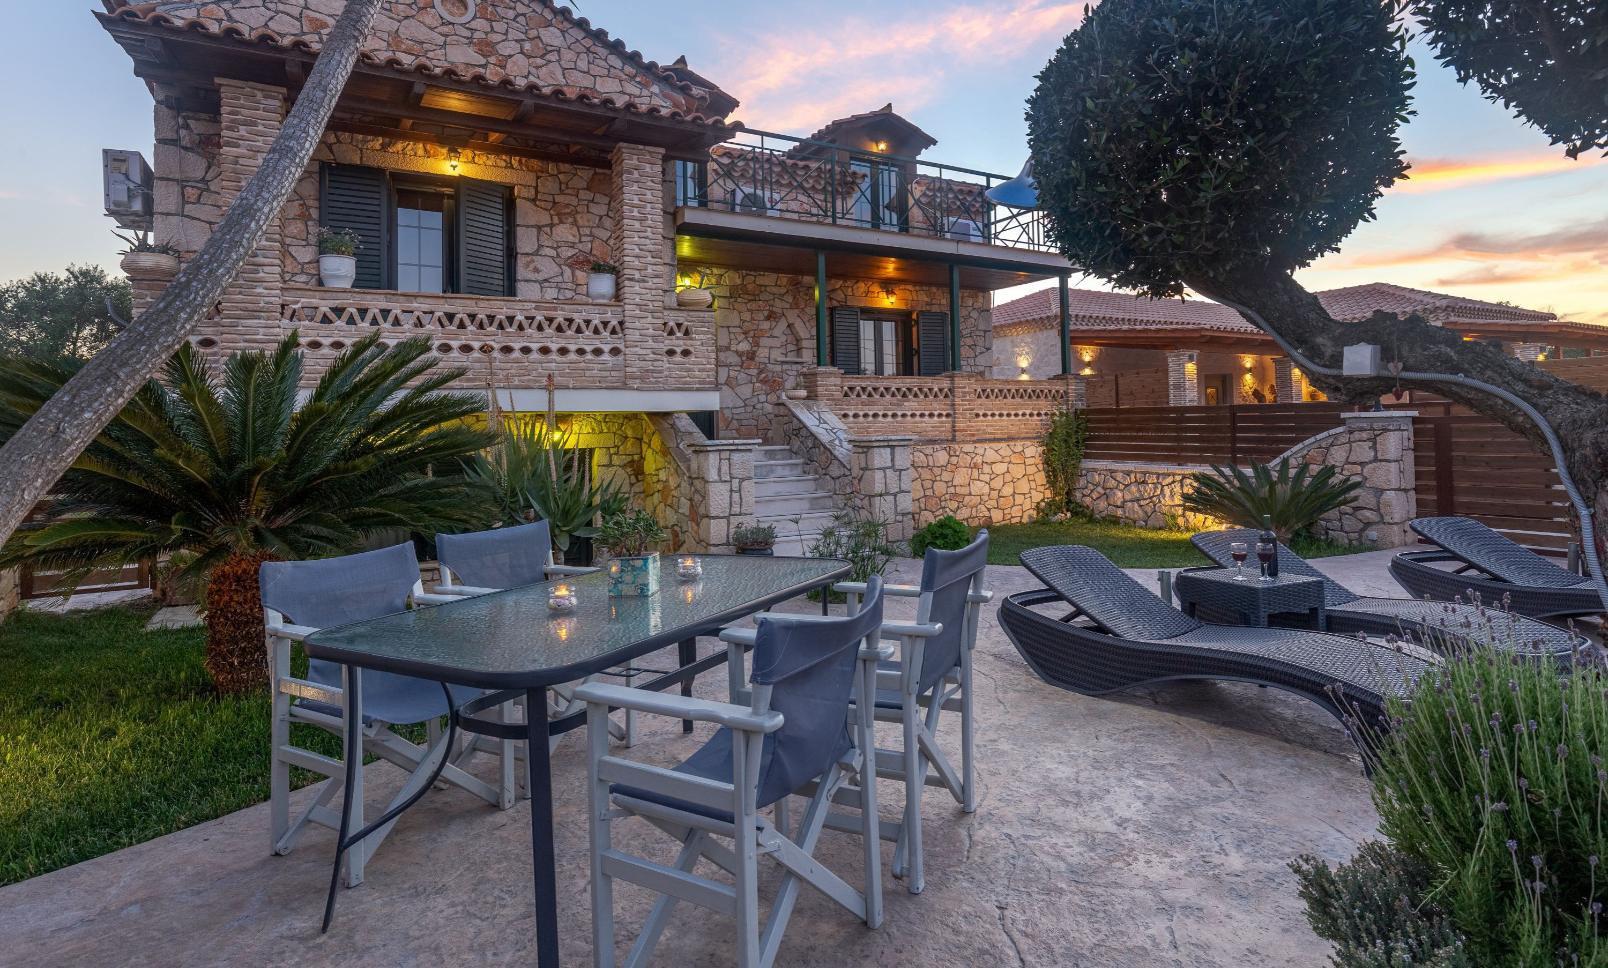 Deluxe Villa Front View & Garden